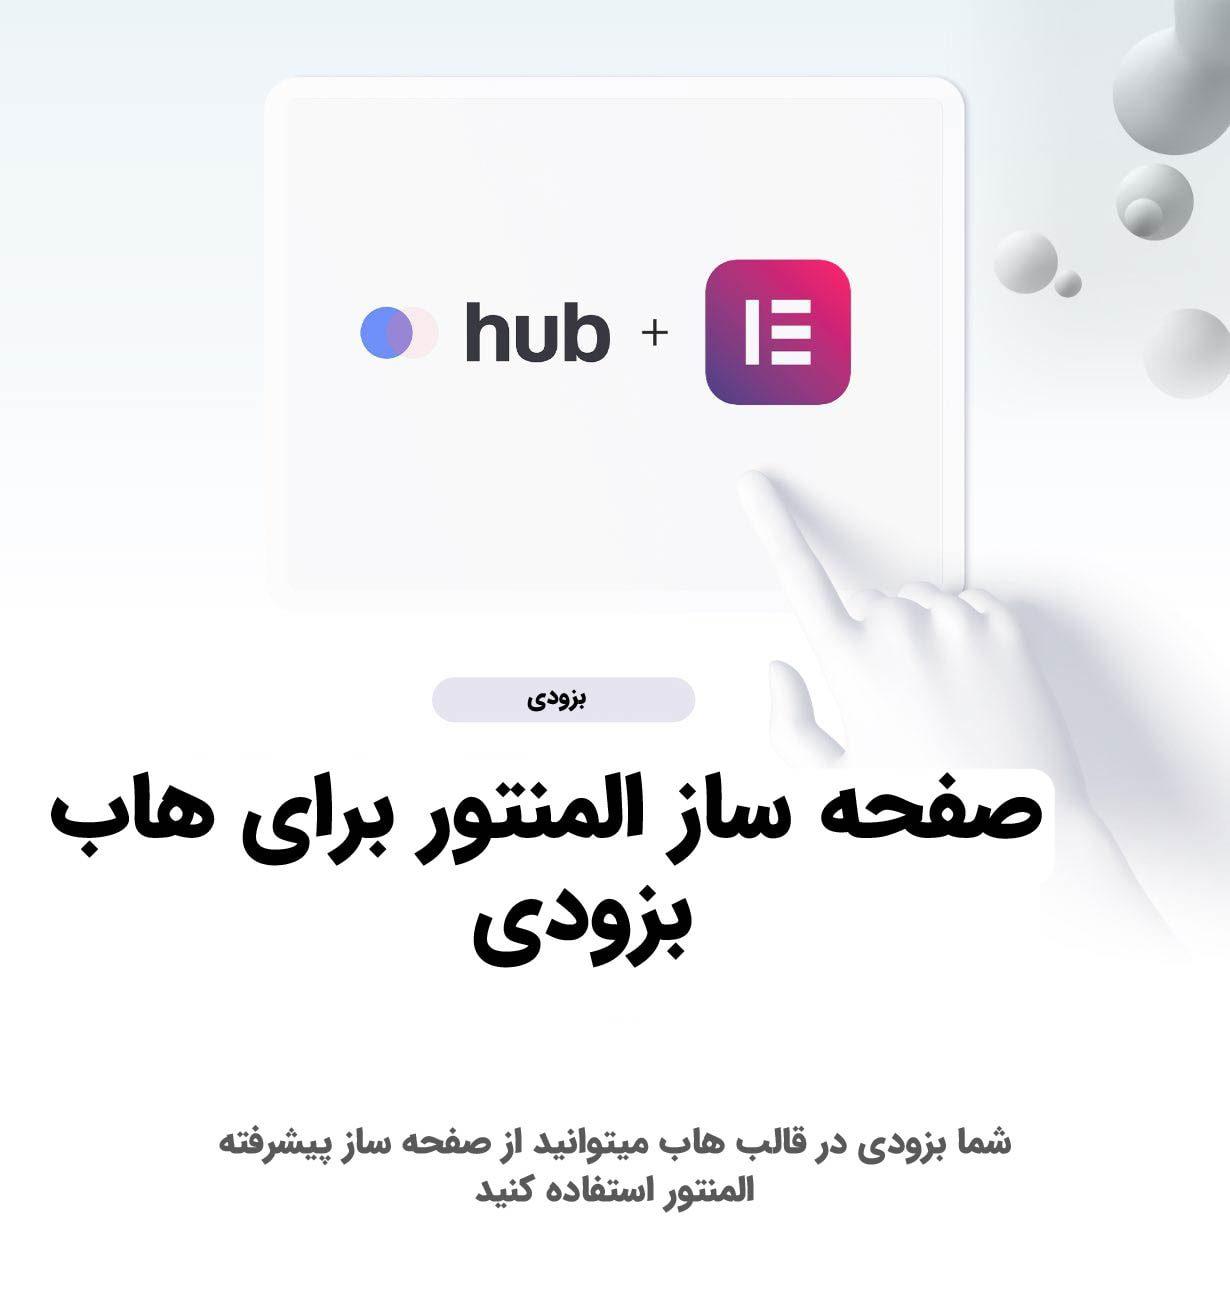 قالب Hub | ❤️ قالب چندمنظوره Hub | قالب وردپرس هاب